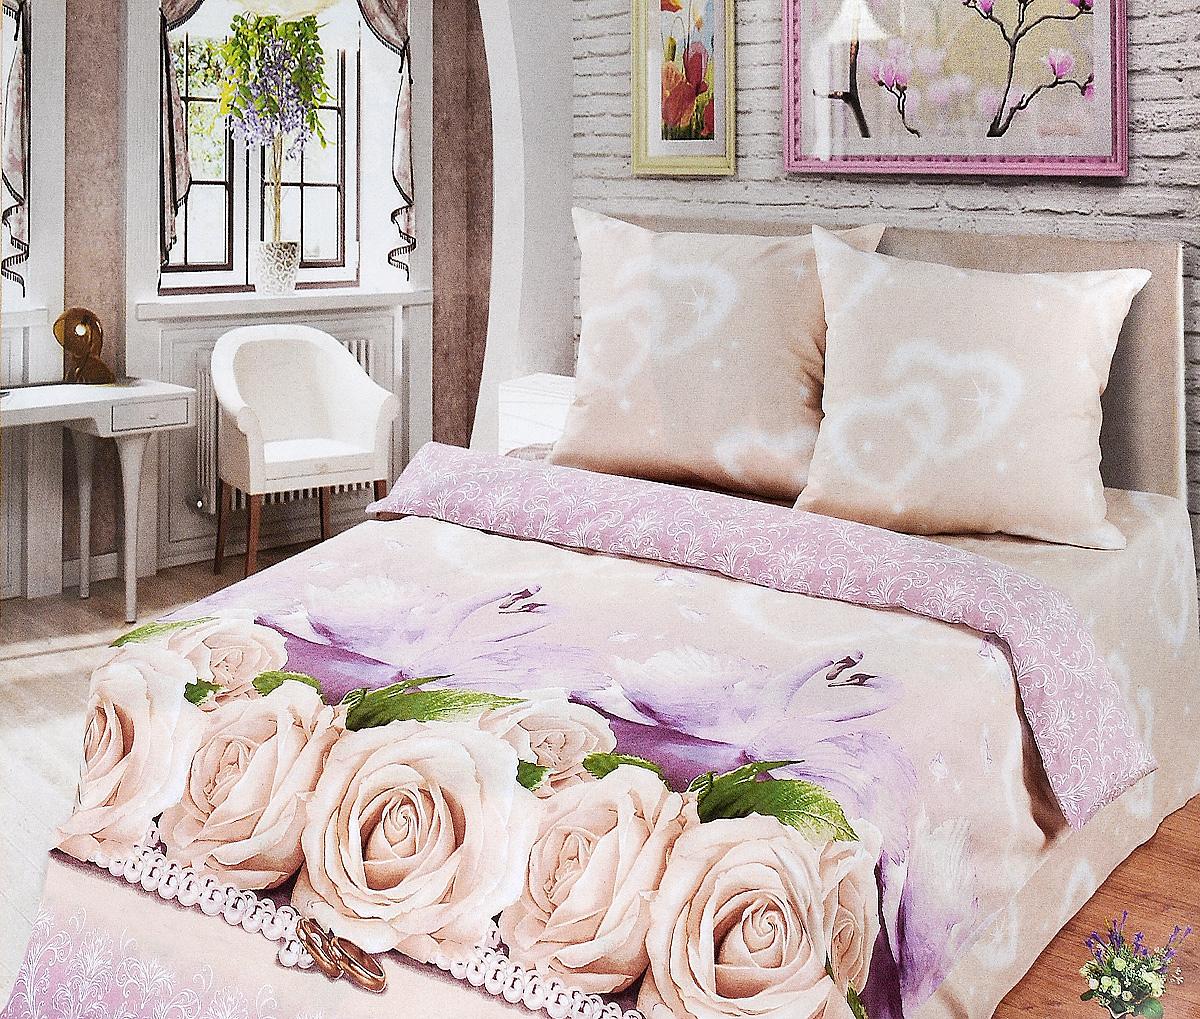 Фото - Комплект белья Арт Постель Гармония, евро, наволочки 70x70 комплект постельного белья белиссимо гармония